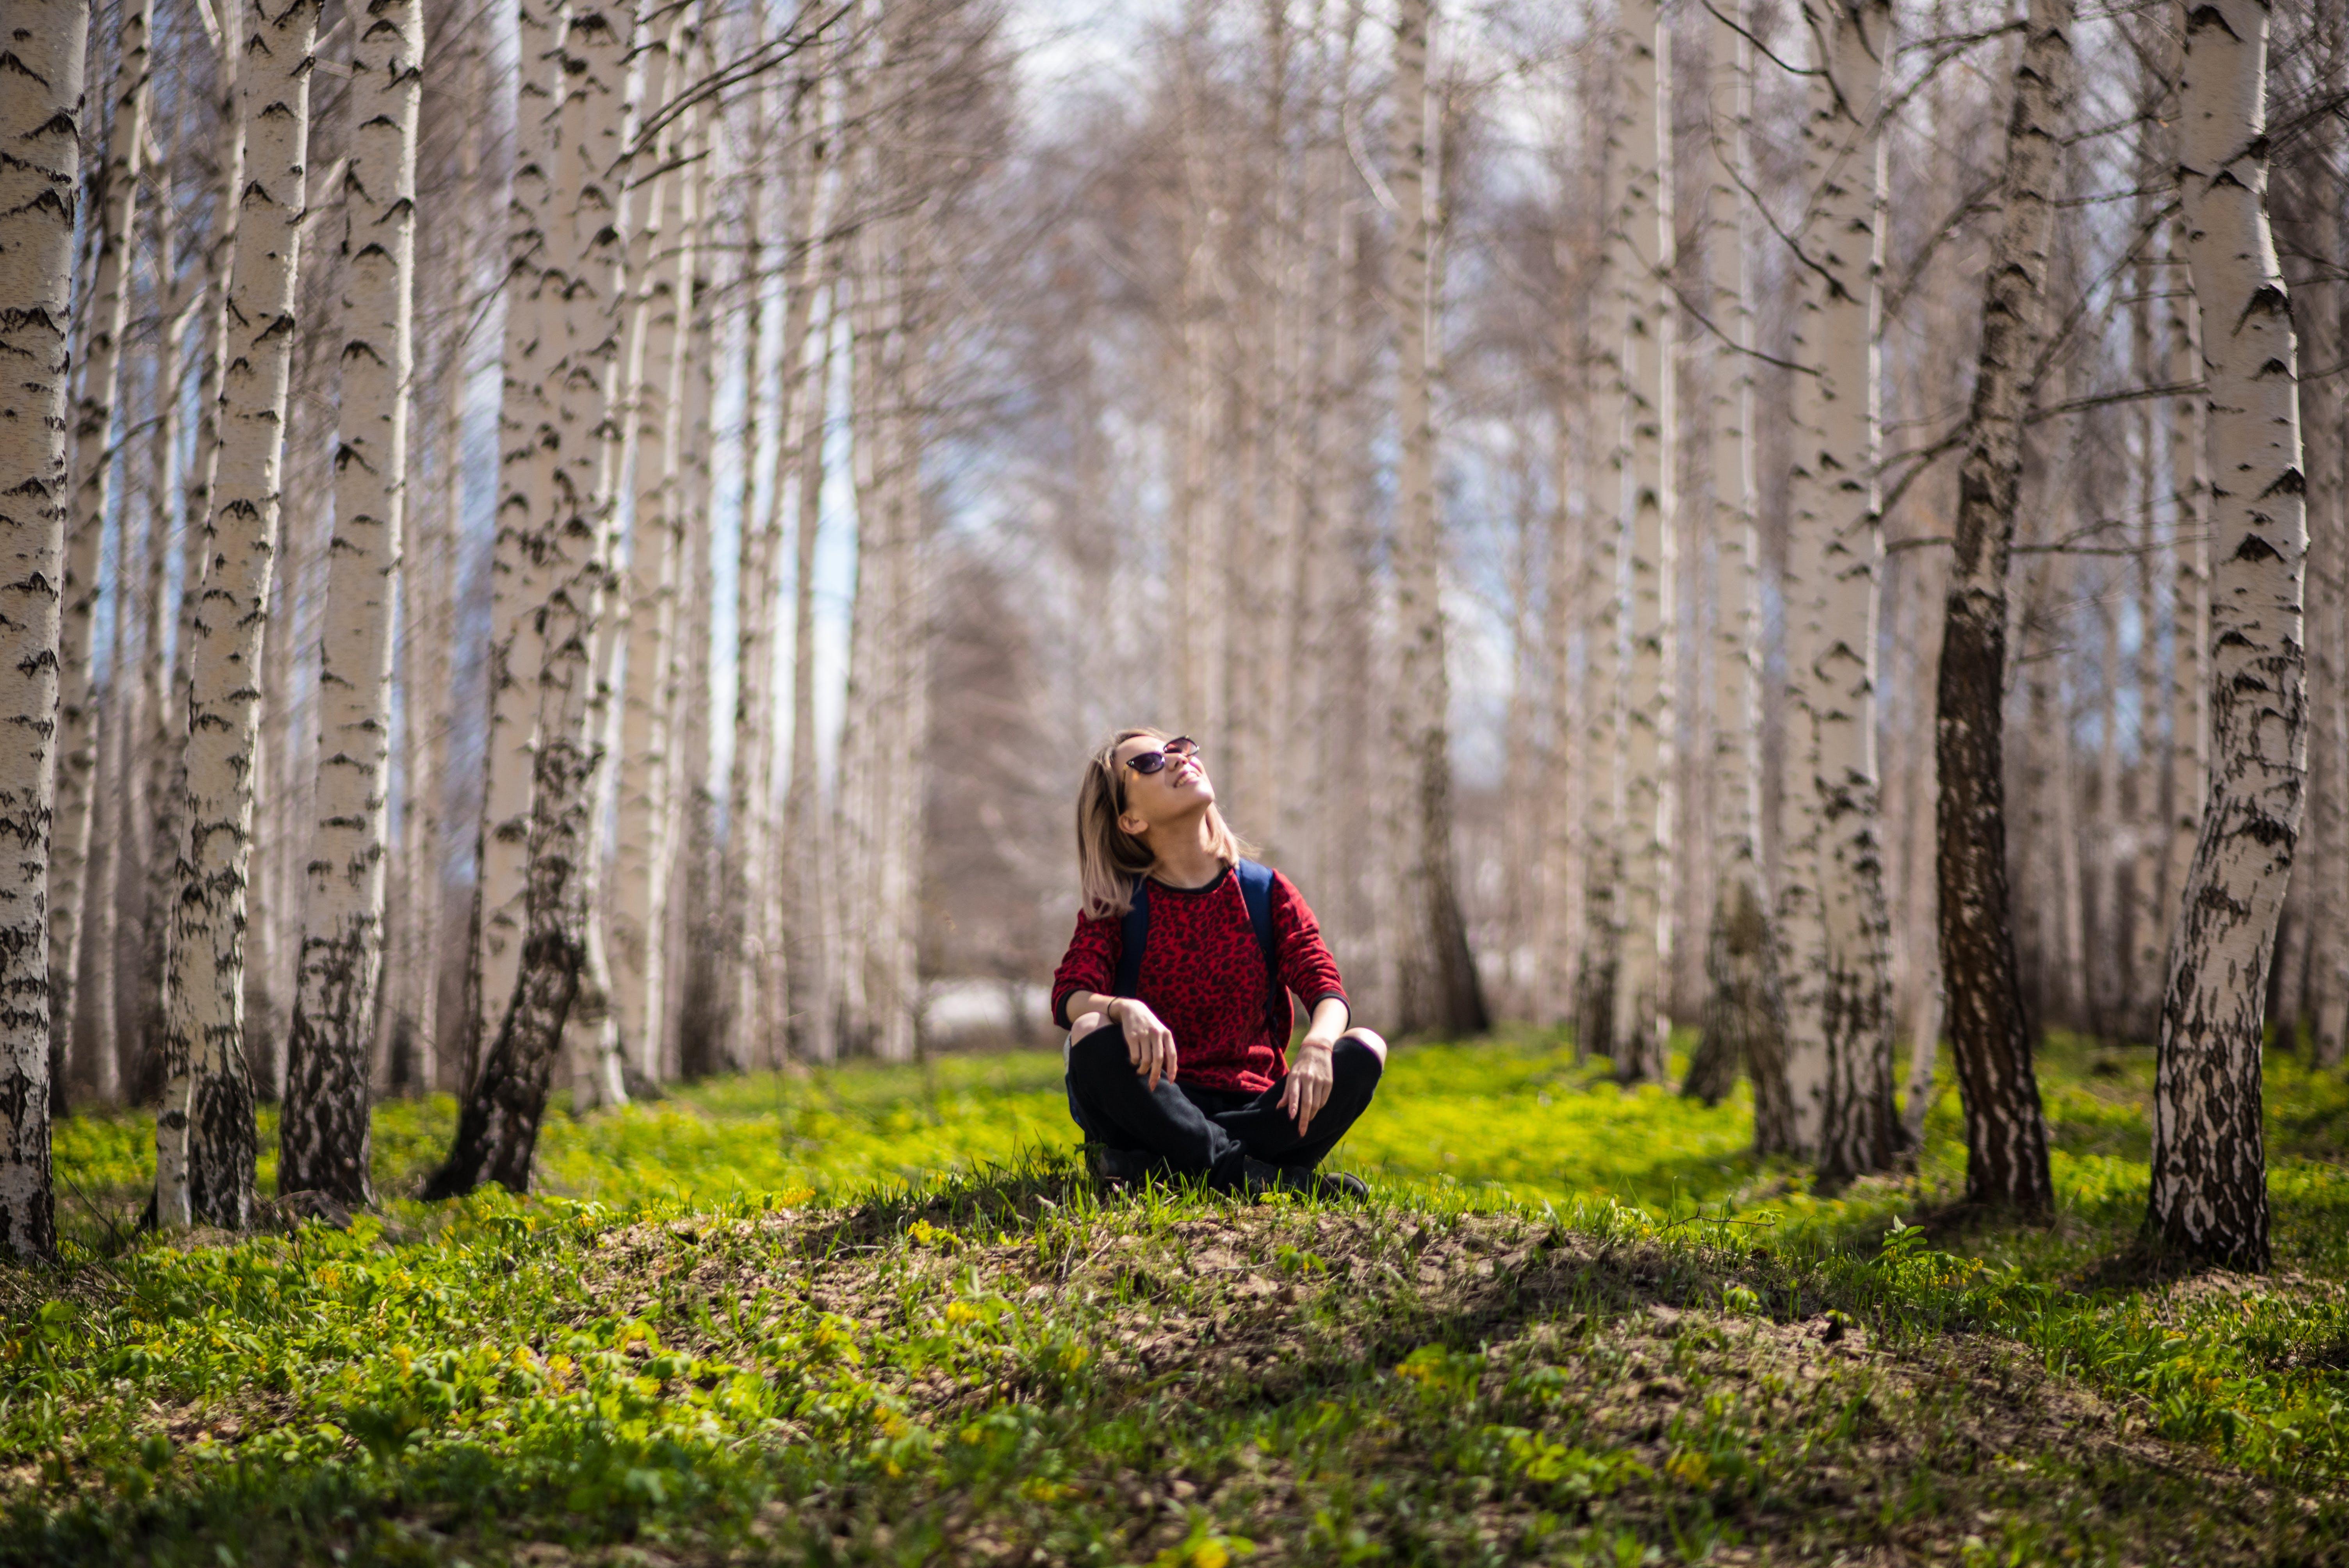 Woman Sitting Between Brown Trees